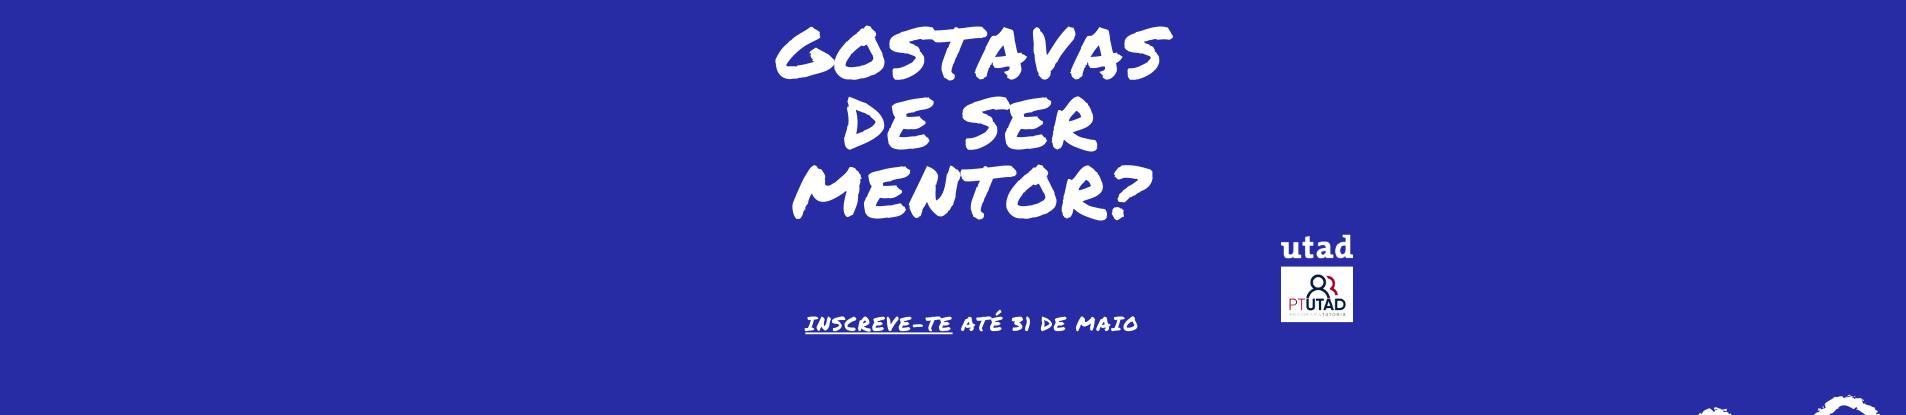 Queres ser mentor